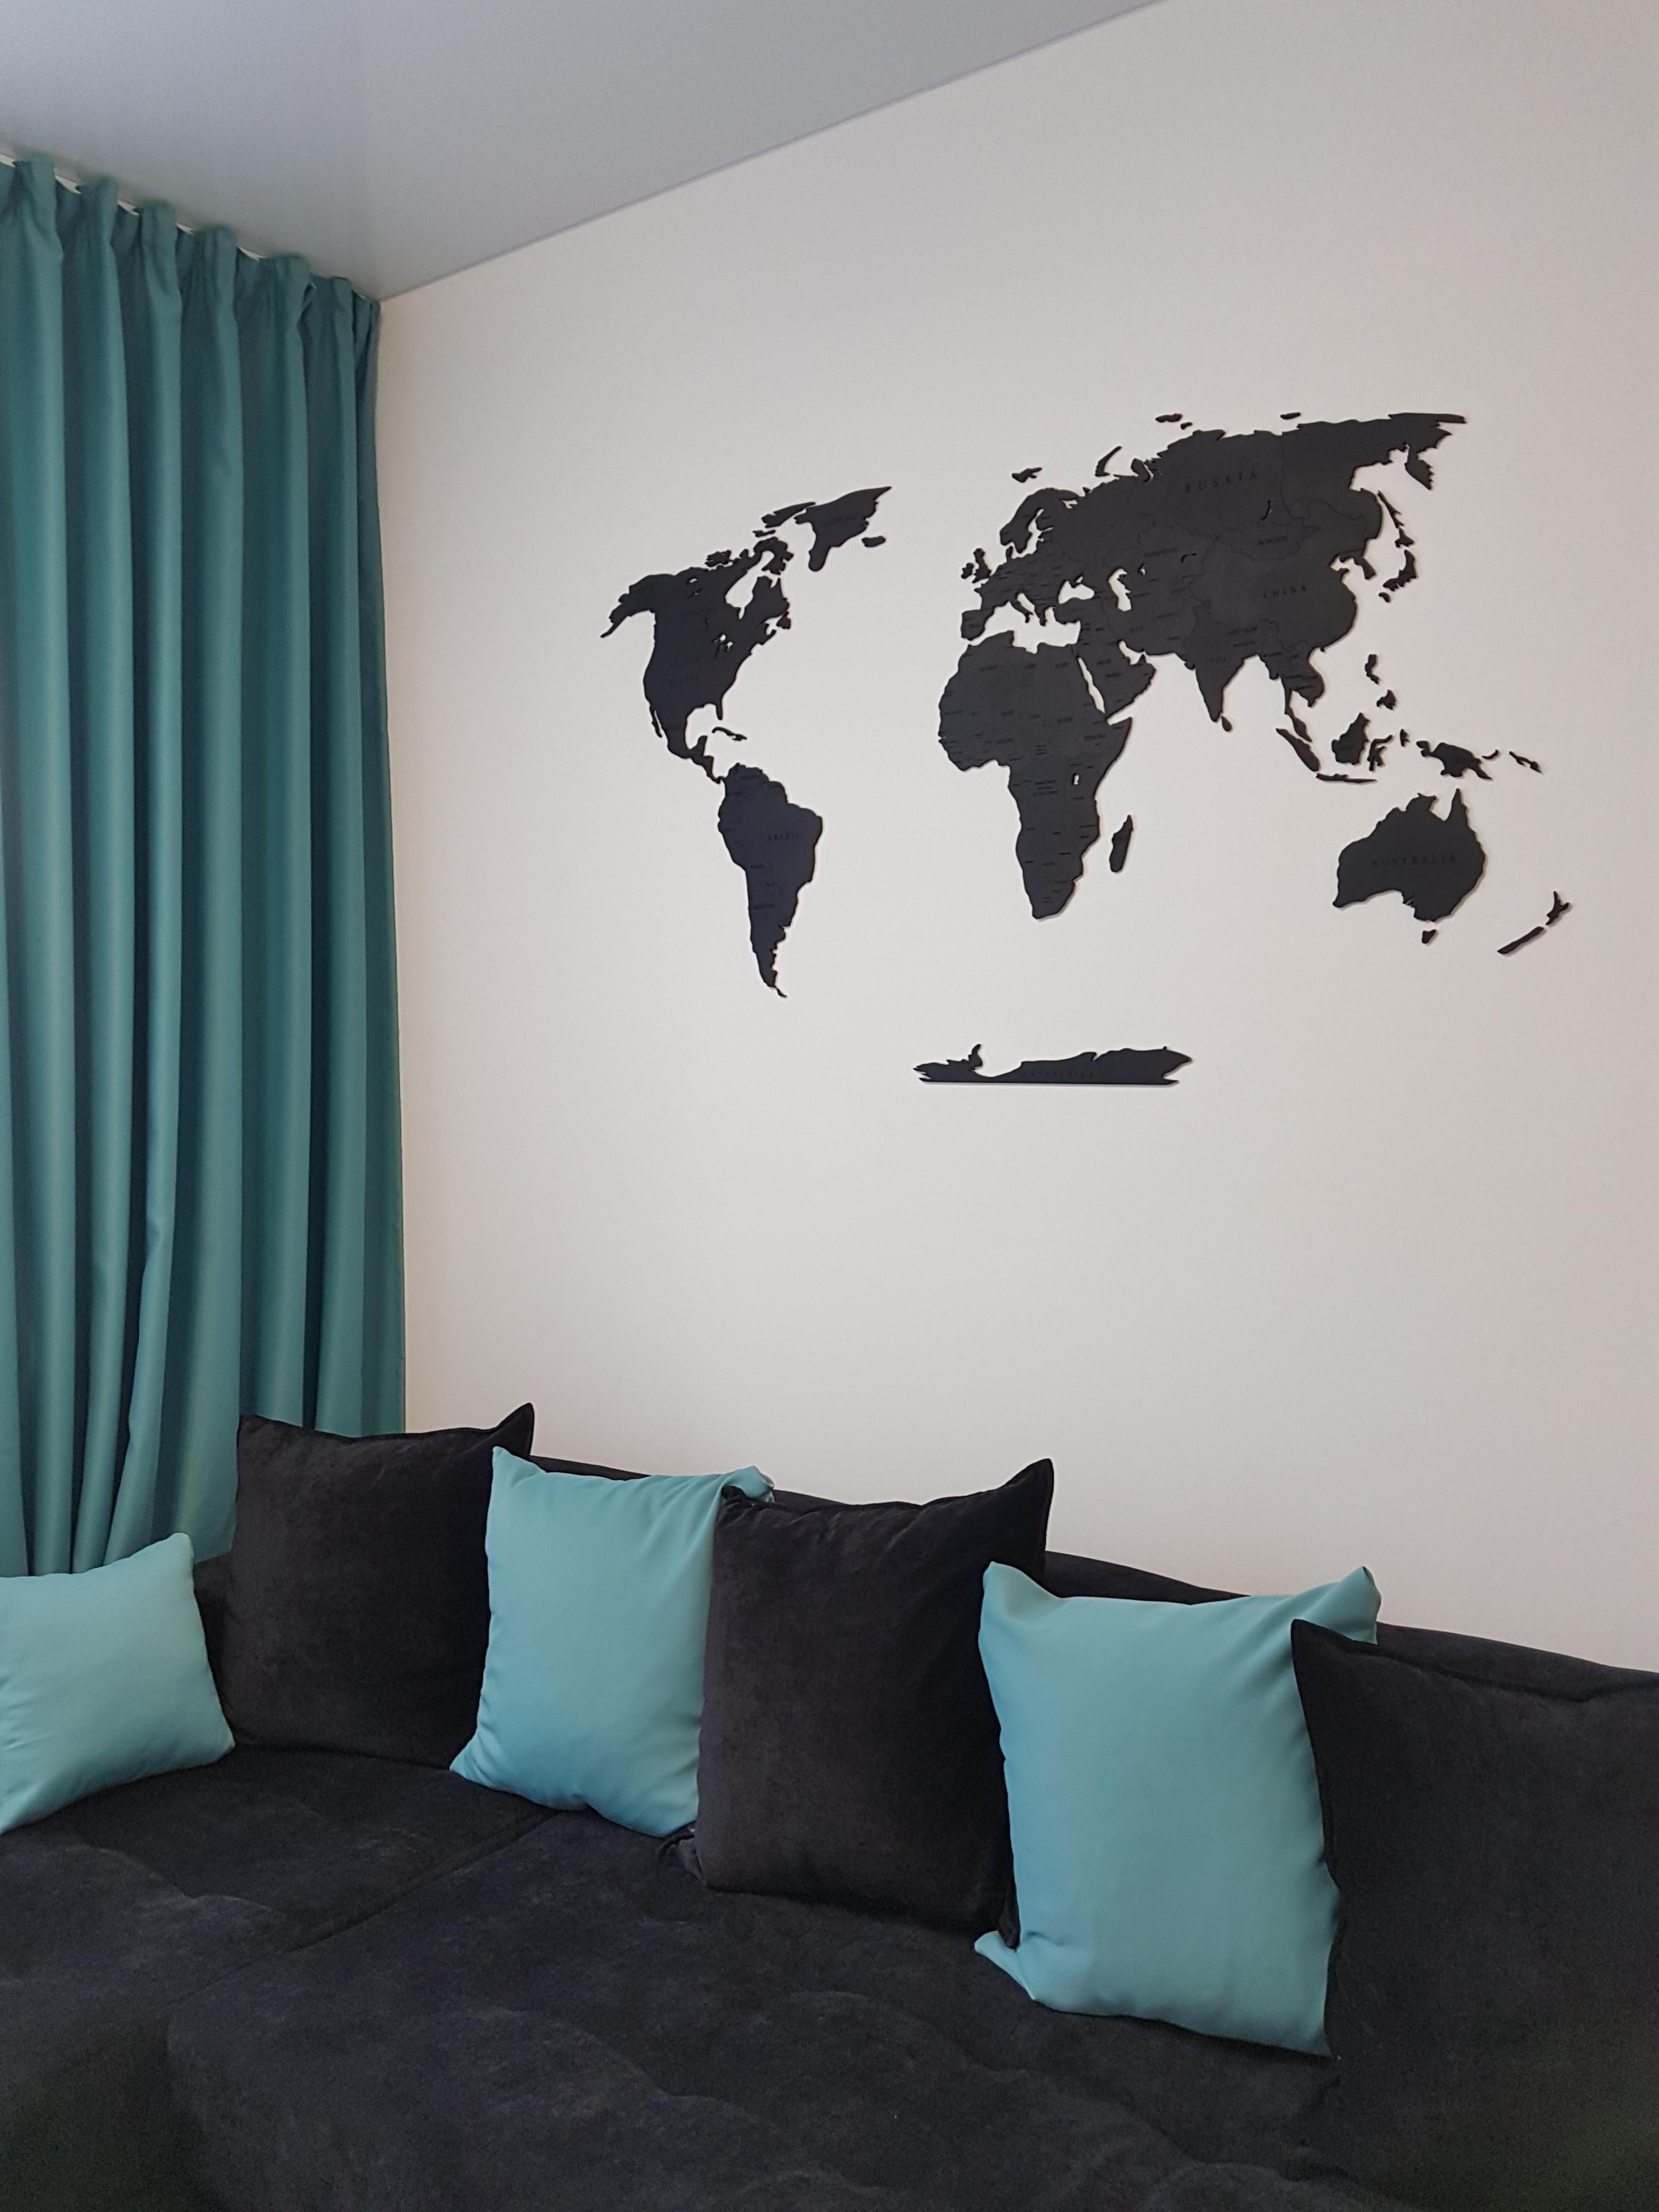 однотонная карта мира